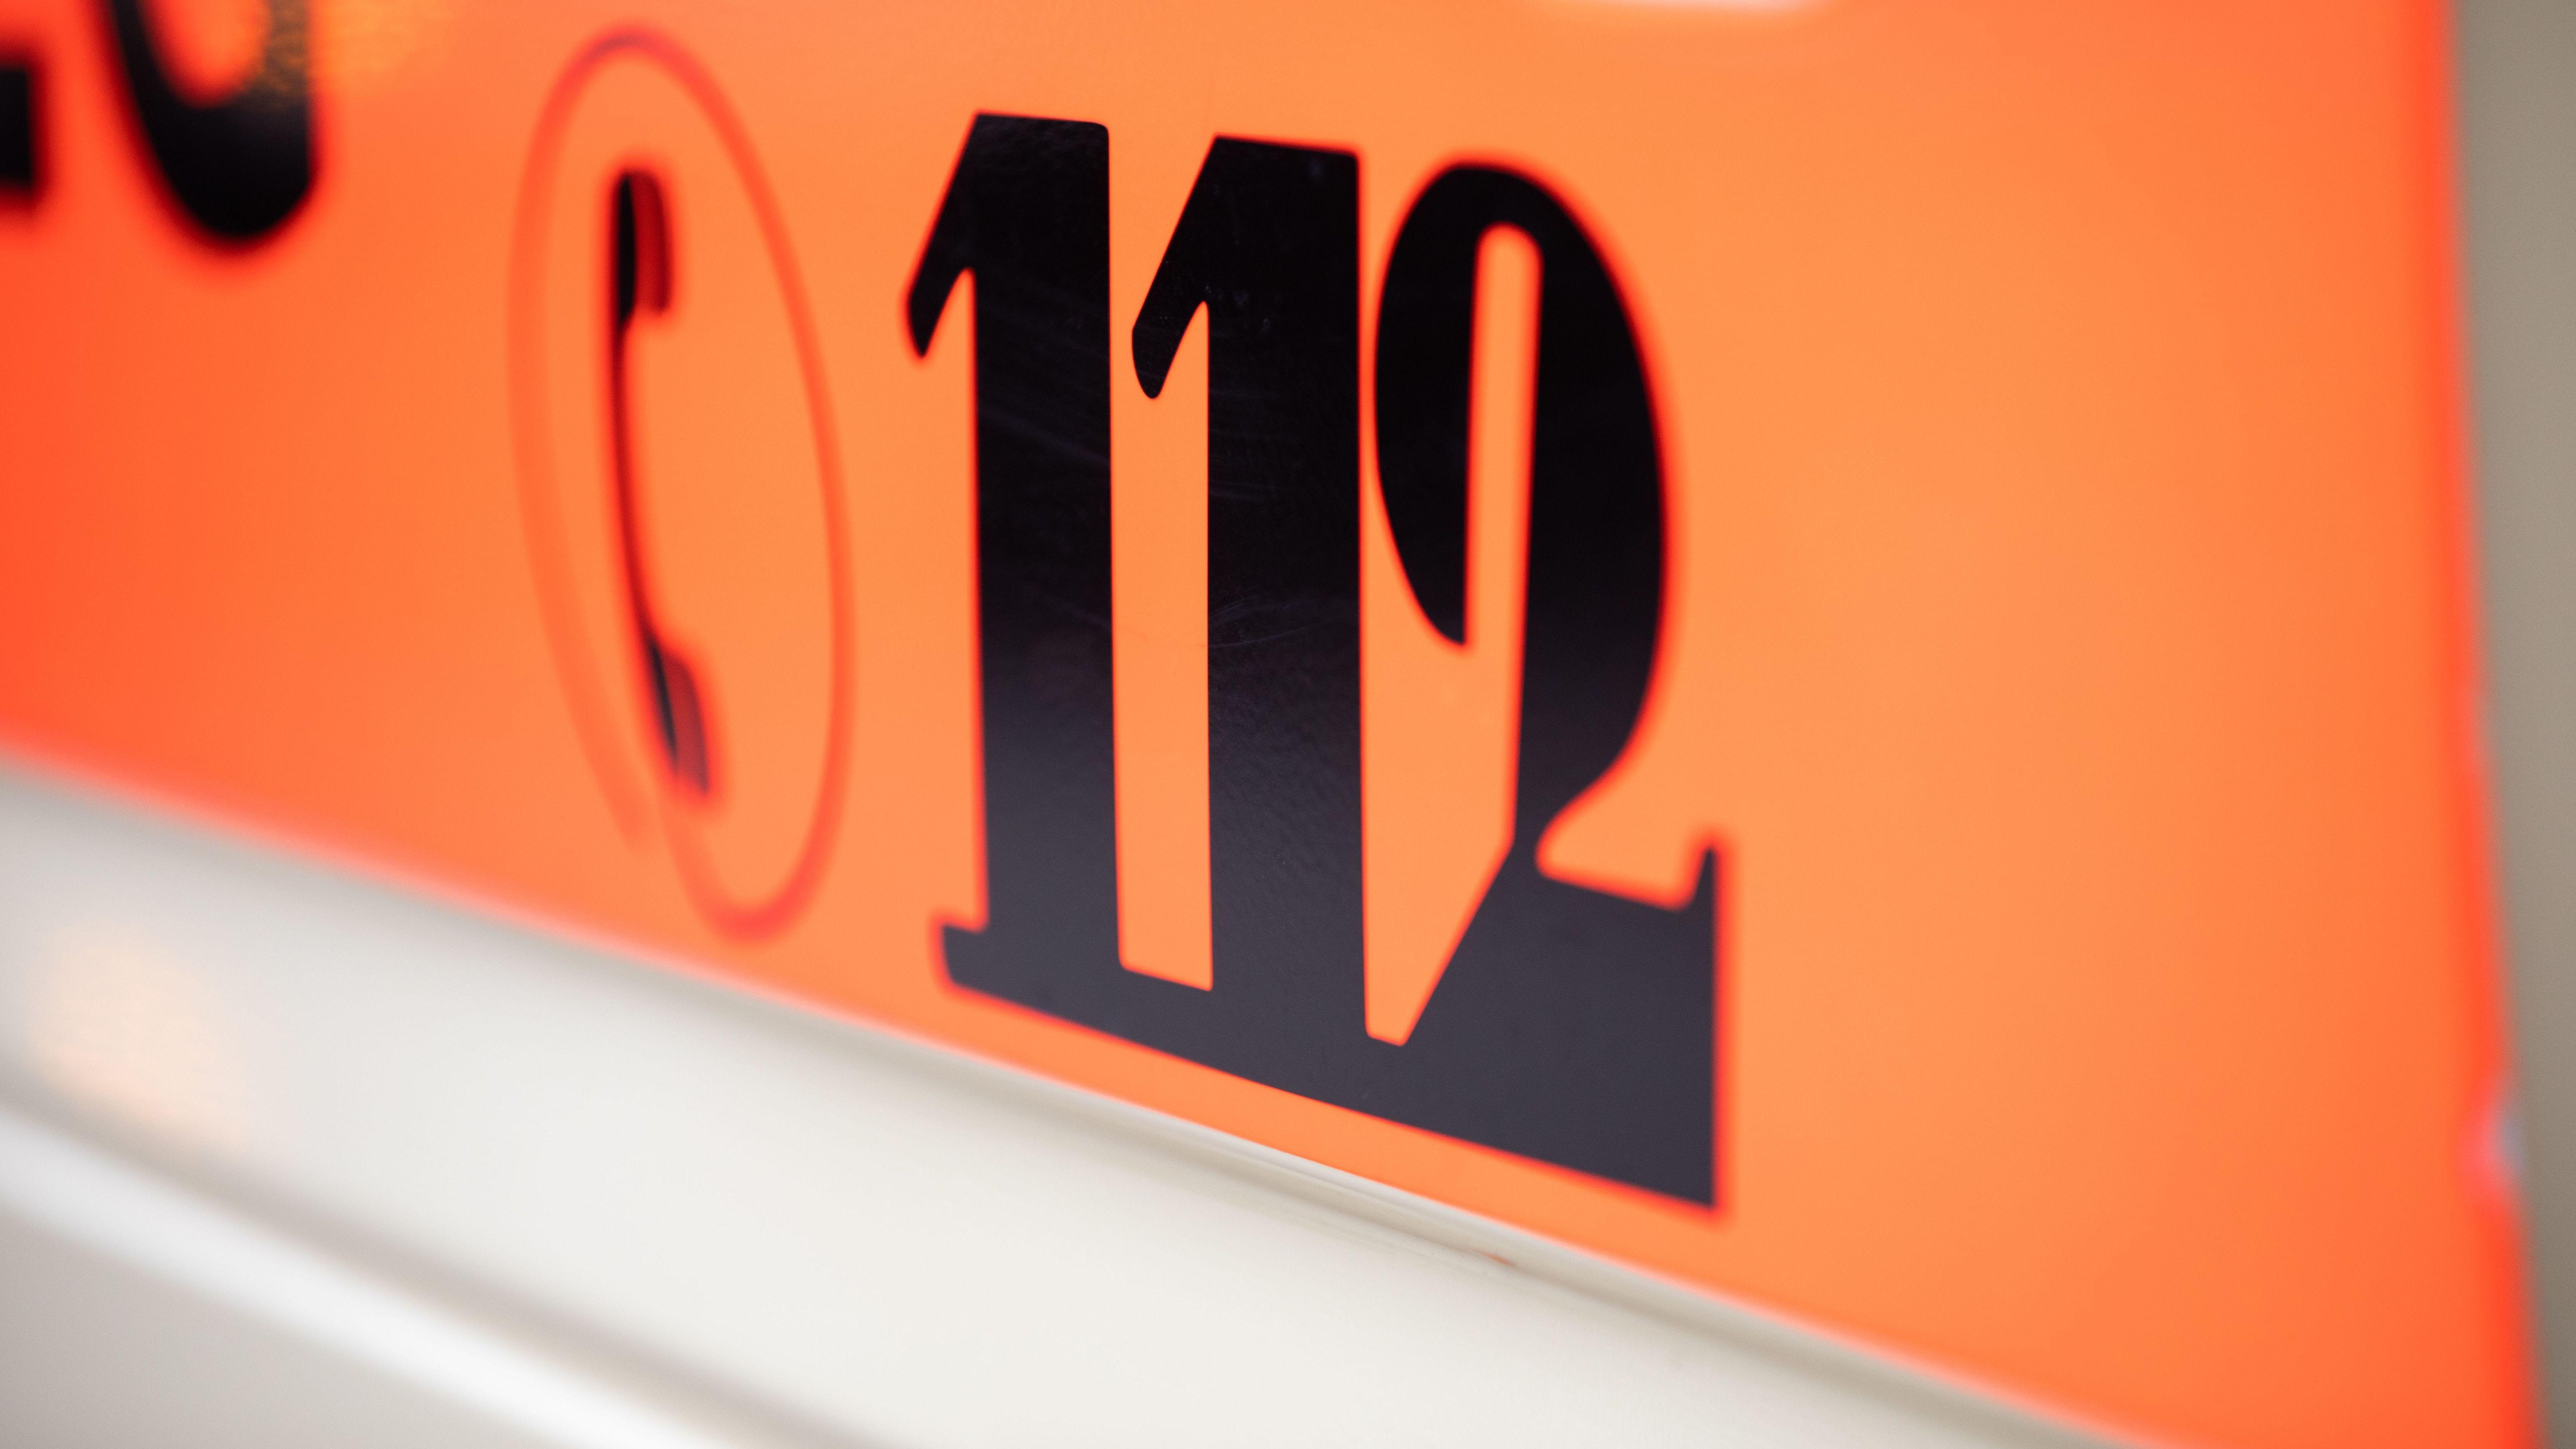 Die Notrufnummer 112 auf einem Rettungswagen.